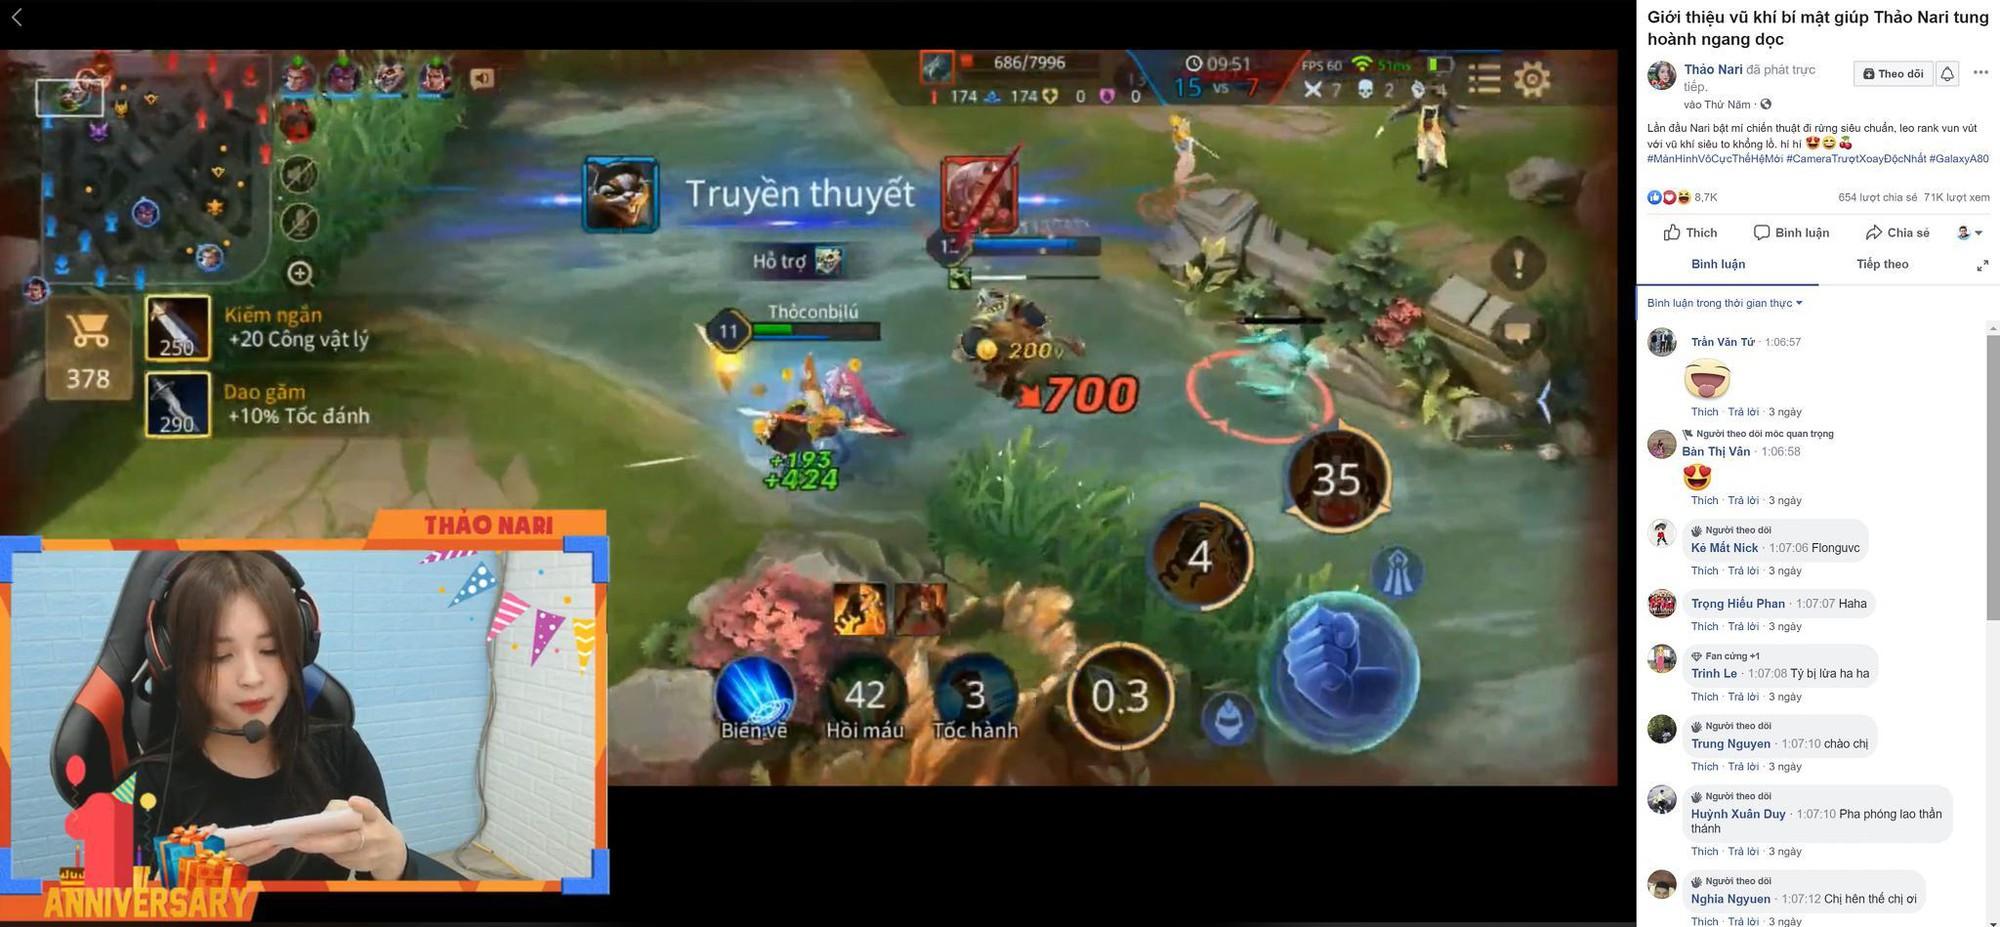 Trai xinh Trần Ba Duy và gái đẹp Thảo Nari cùng bật mí vũ khí bí mật khi livestream - Ảnh 3.